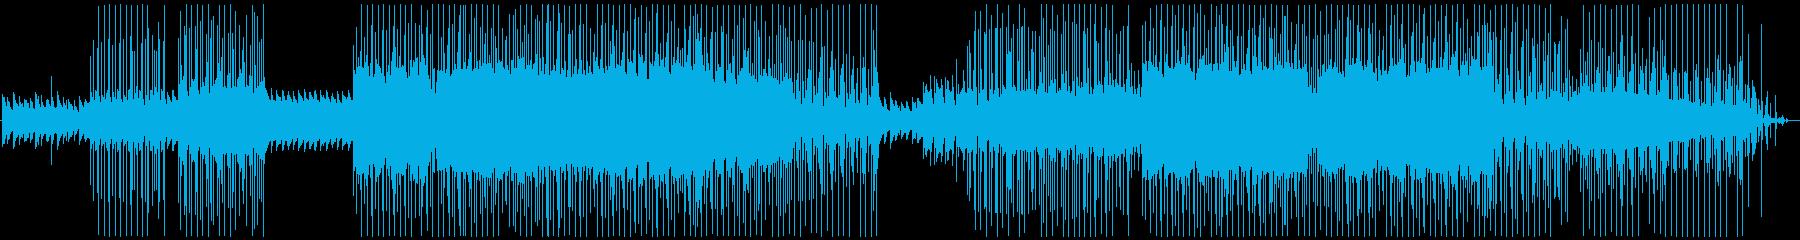 ゆったりとした心地良い音のLo-Fiの再生済みの波形